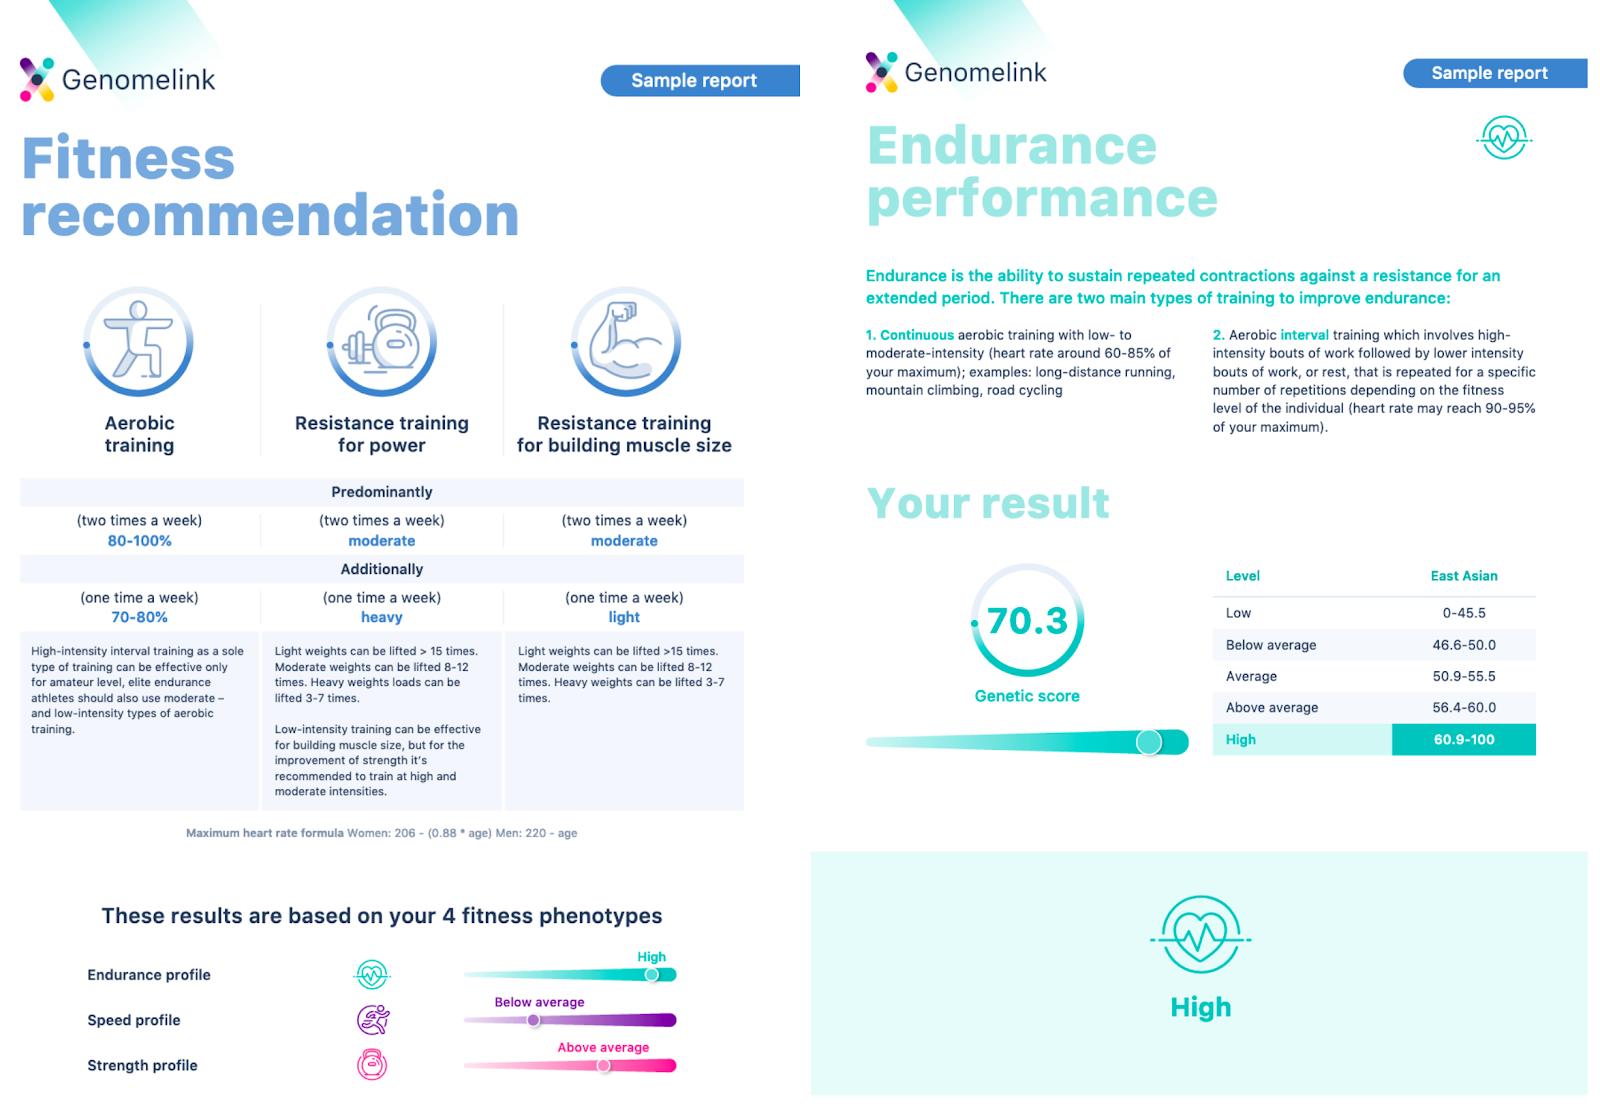 Genomelink Персонализированный отчет о фитнесе.